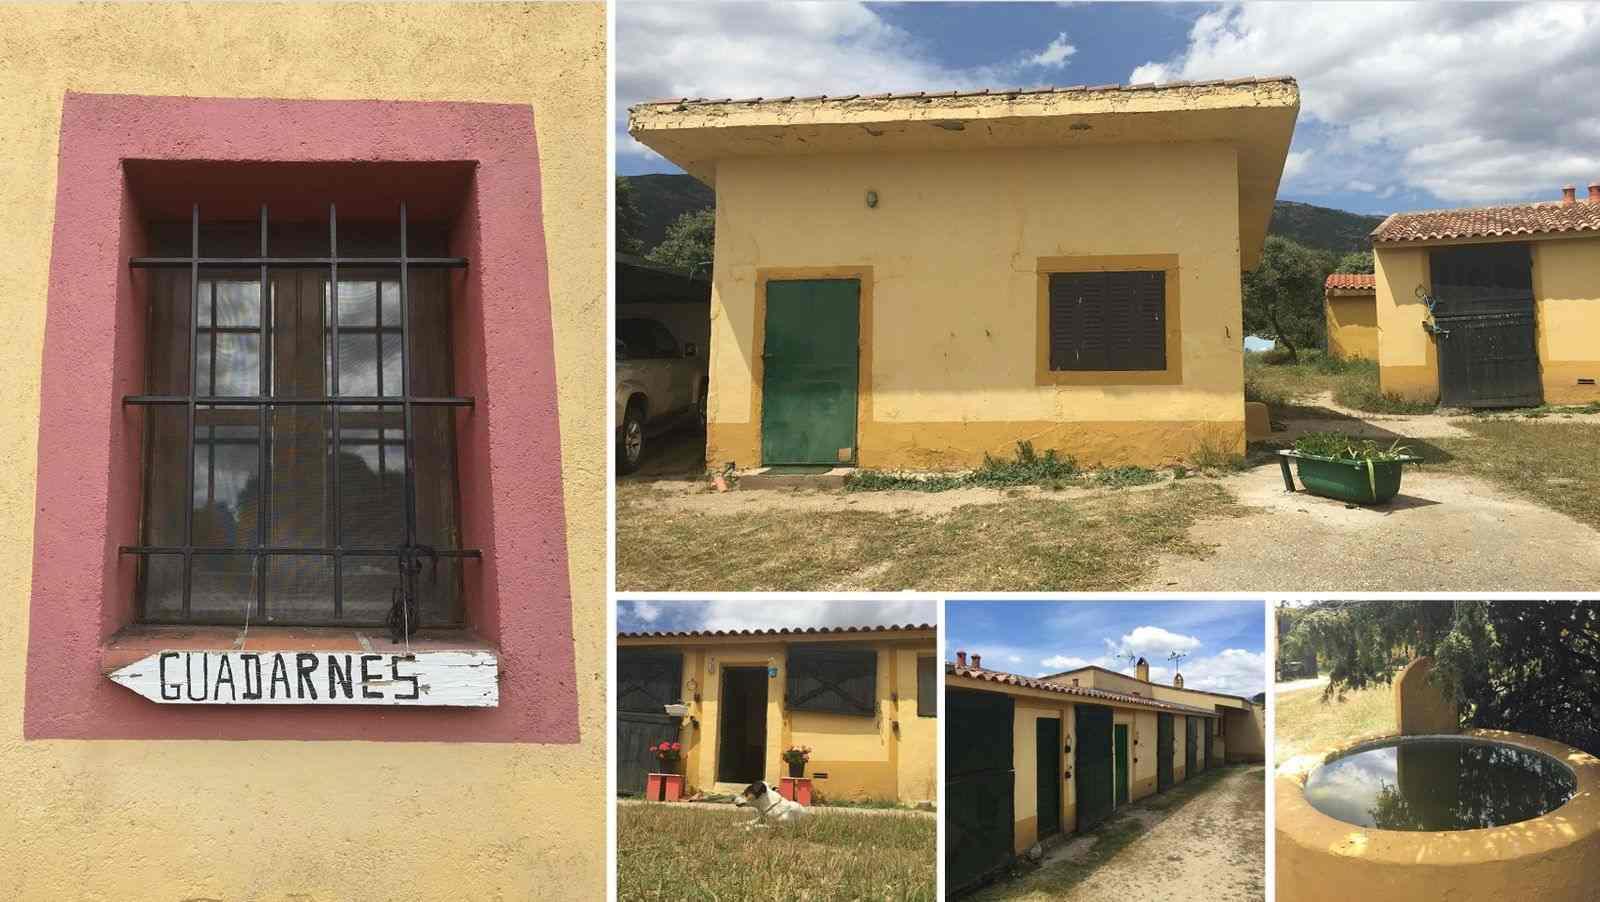 Casa rural - El Guadarnés